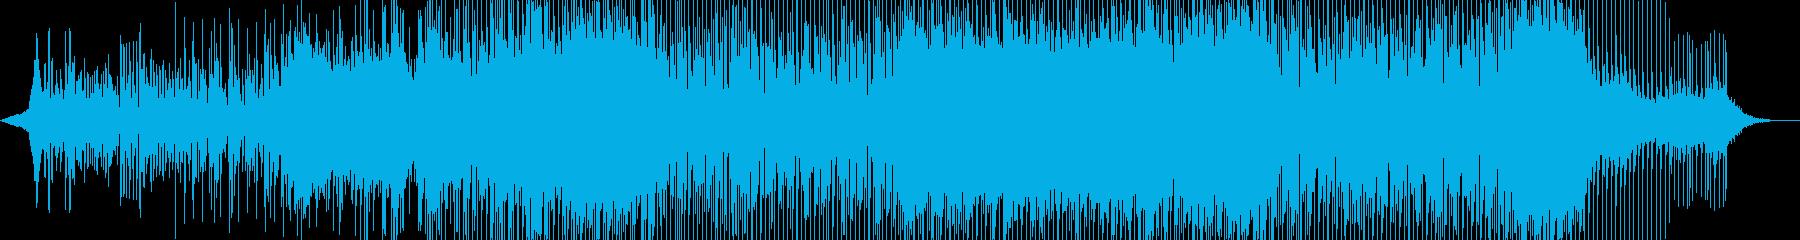 軽快なリズムのギターシンセポップの再生済みの波形